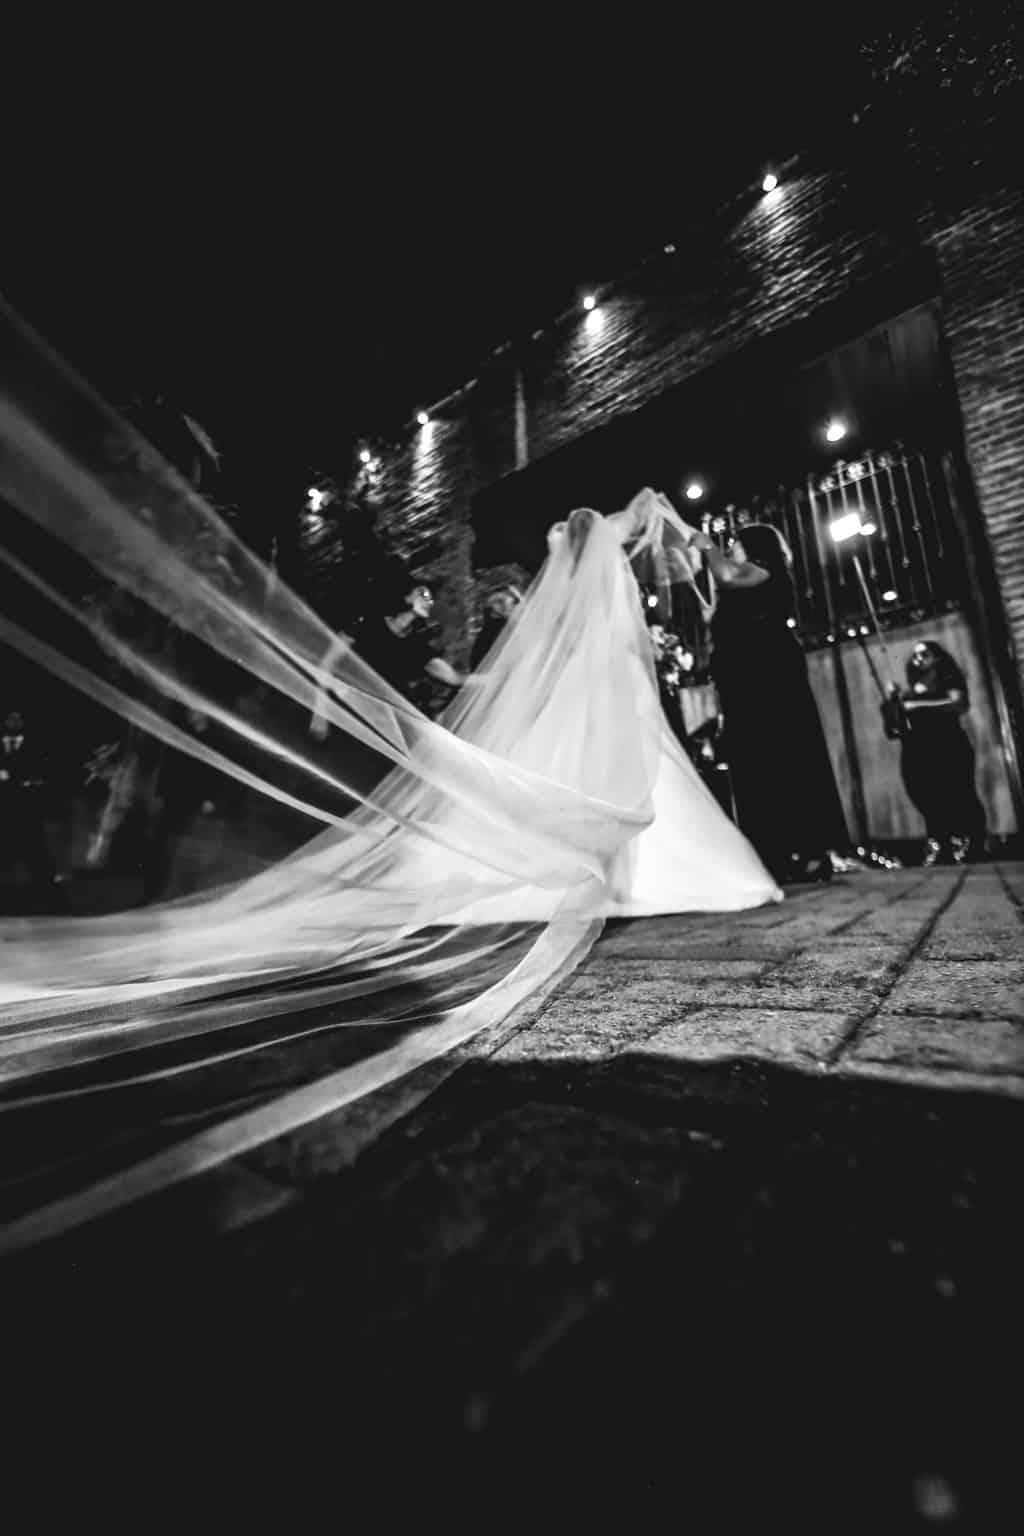 carro-da-noiva-casamento-Juliana-e-Eduardo-Fotografia-Ricardo-Nascimento-e-Thereza-magno-Usina-dois-irmãos50